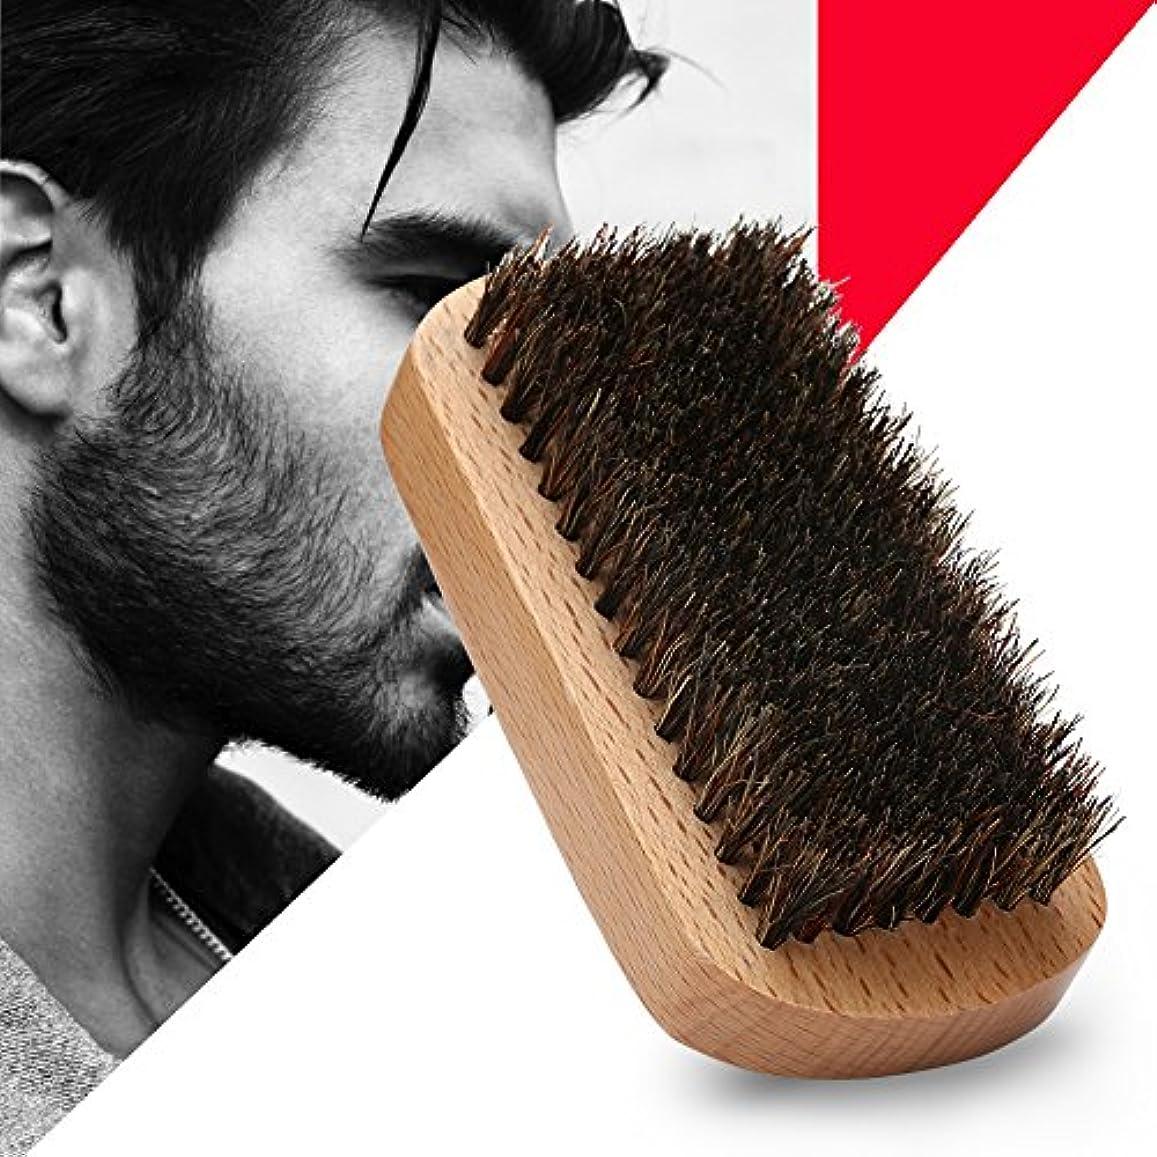 満足させる見捨てられた金貸しシェービングブラシ メンズ ウッド 豚剛毛 クリーニング 髭剃り 泡立ち 洗顔ブラシ メンズ ブラック 長方形